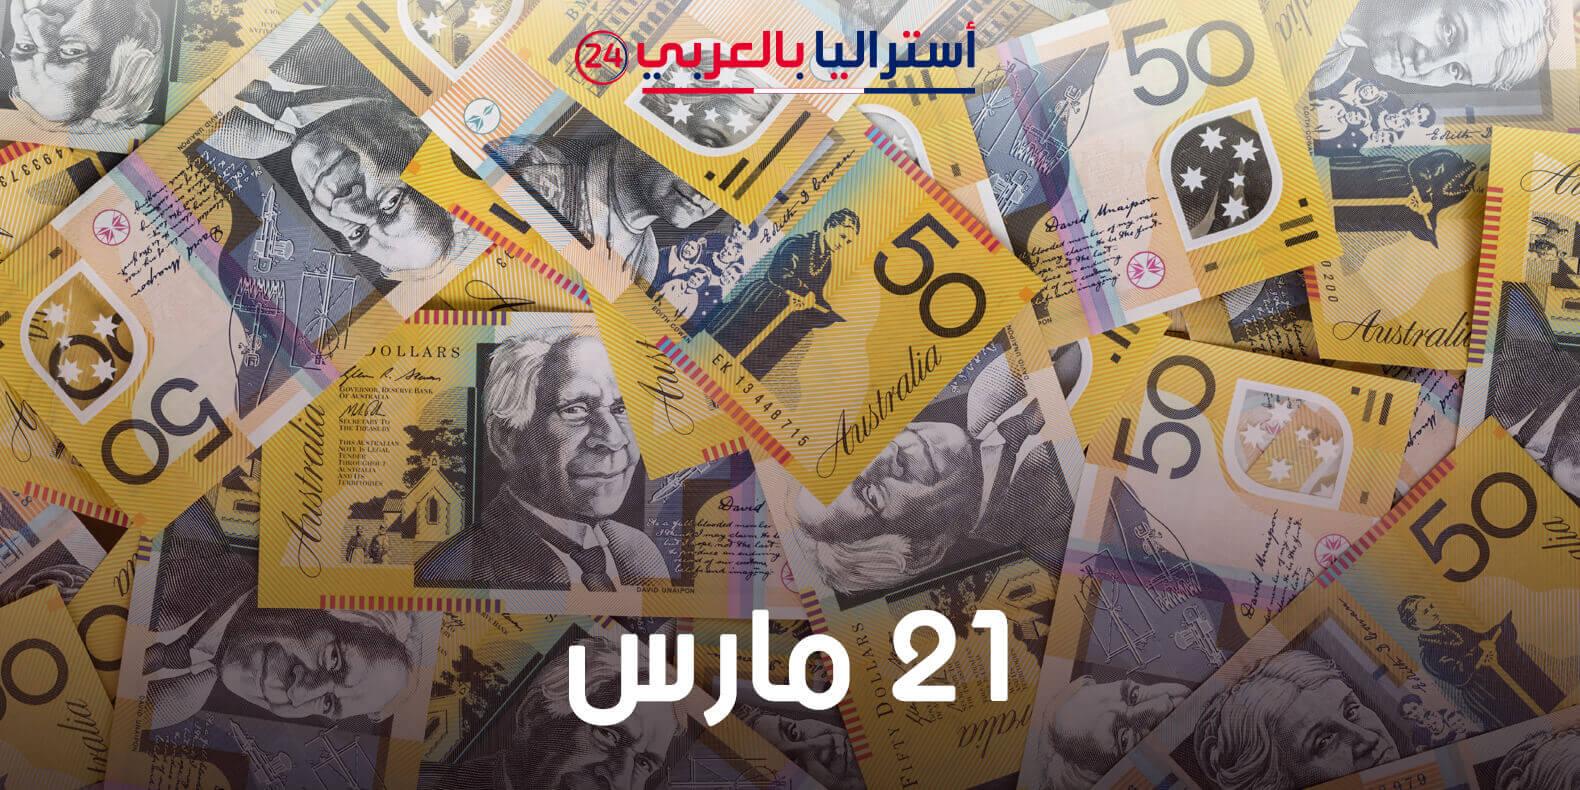 سعر الدولار الاسترالي مقابل العملات العربية والعالمية اليوم 21 مارس